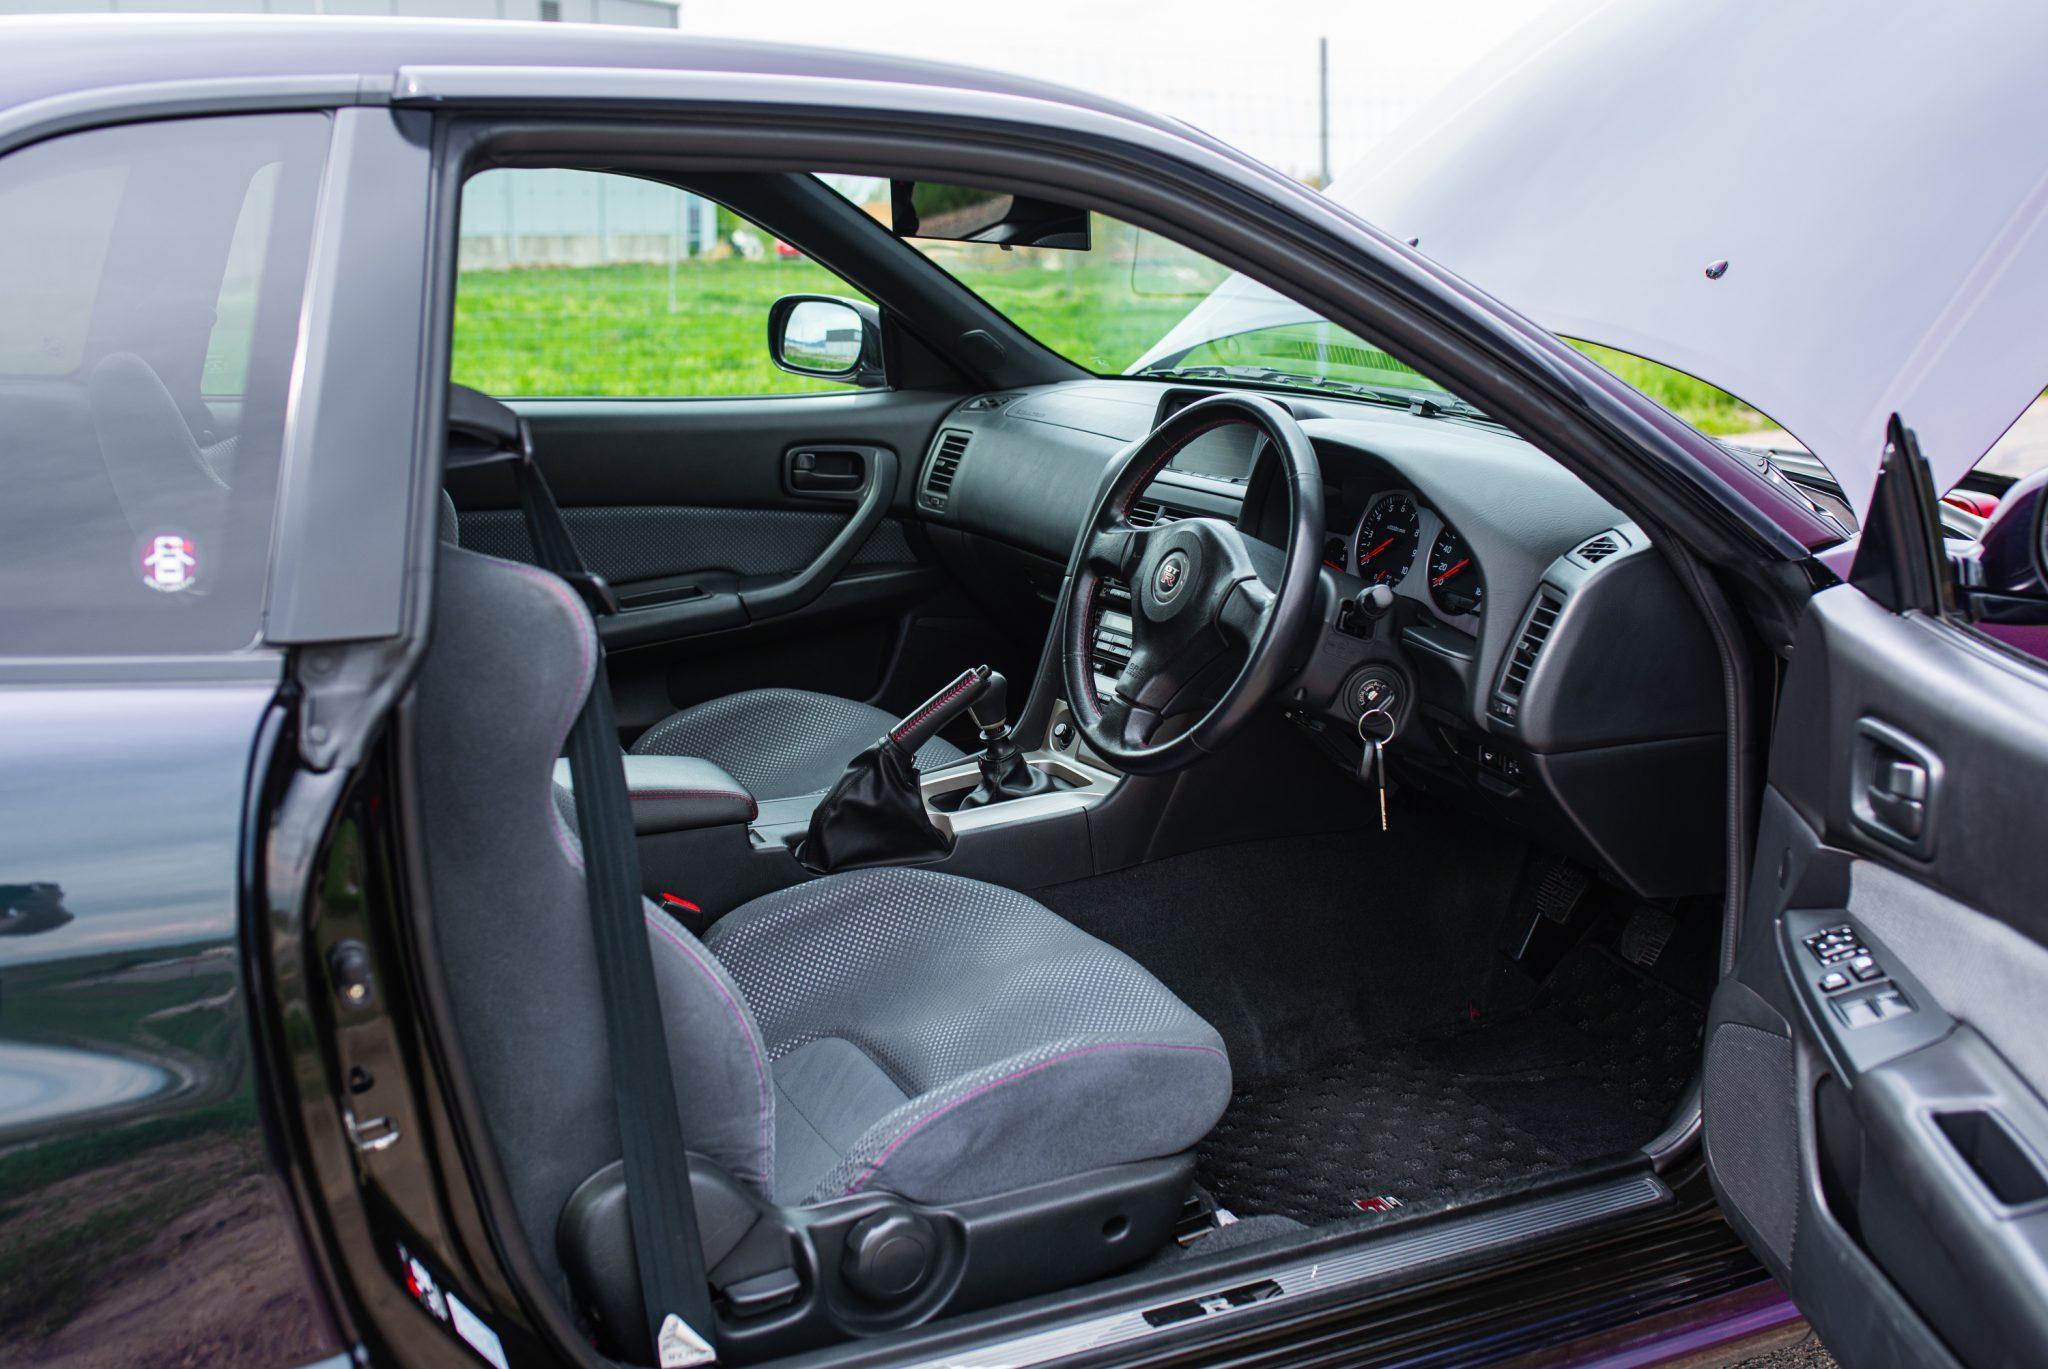 1999 Nissan Skyline GT-R V-Spec interior